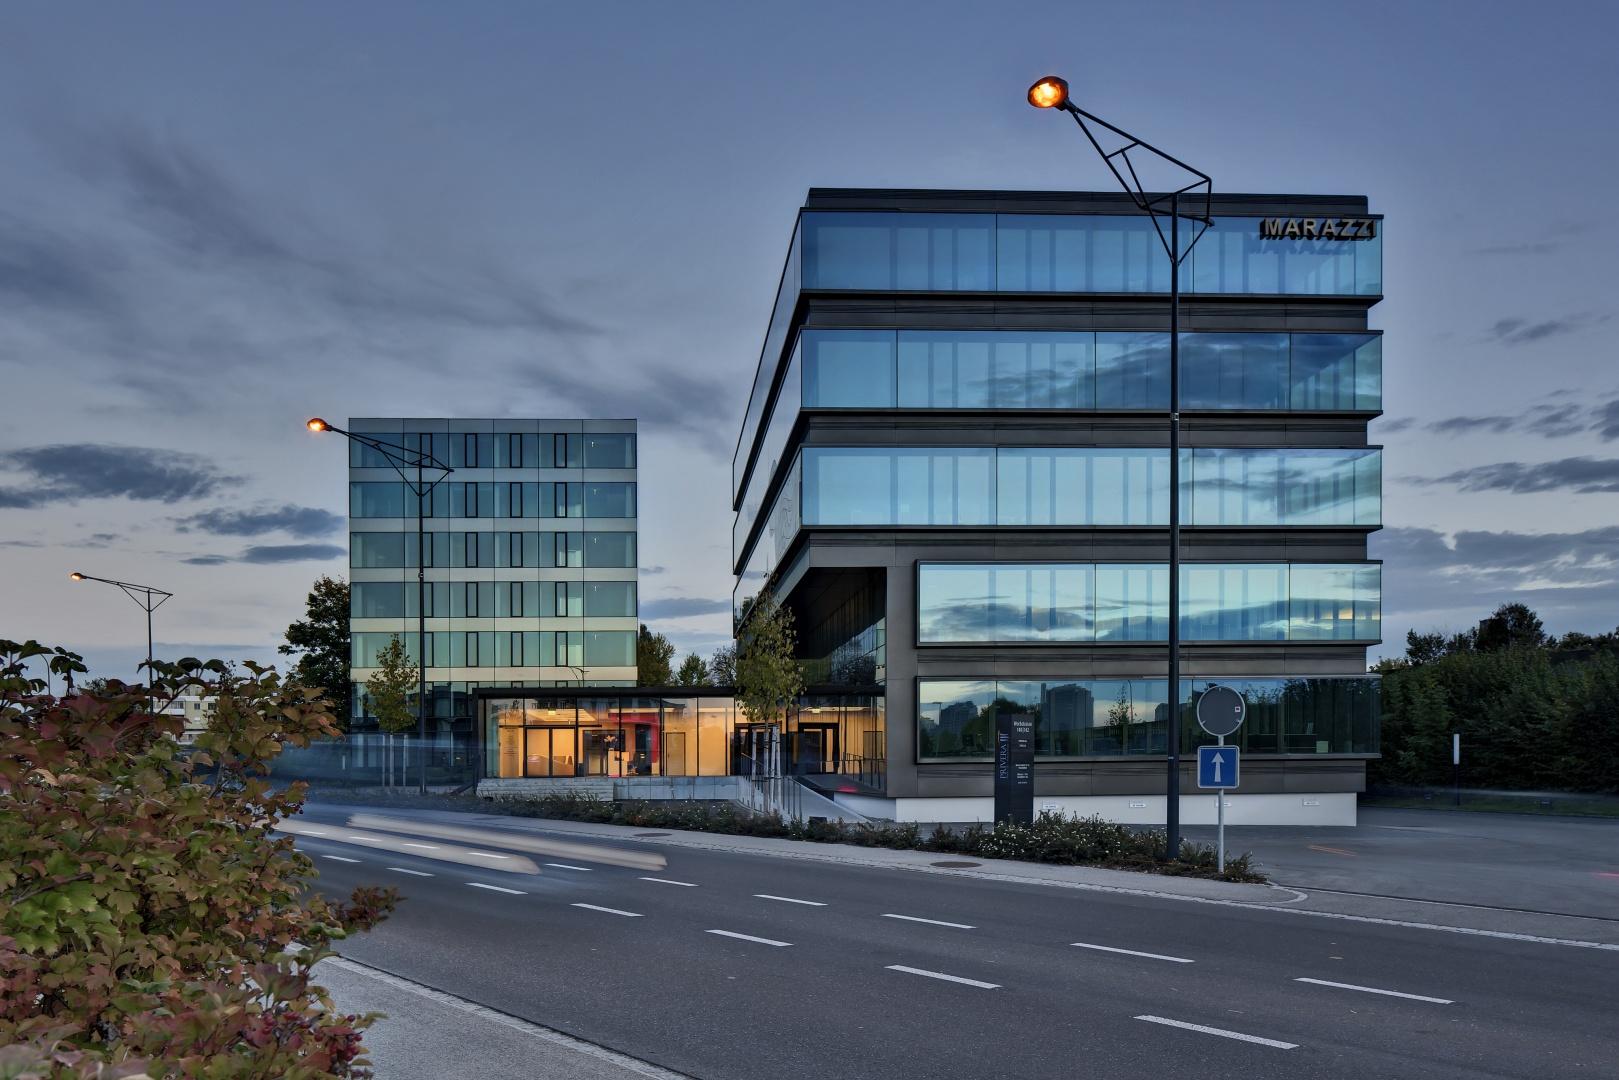 Ensemble mit saniertem Büroturm (l) und Neubau © RENÉ DÜRR ARCHITEKTURFOTOGRAFIE, SCHWANDENHOLZSTRASSE 228, 8046 ZÜRICH